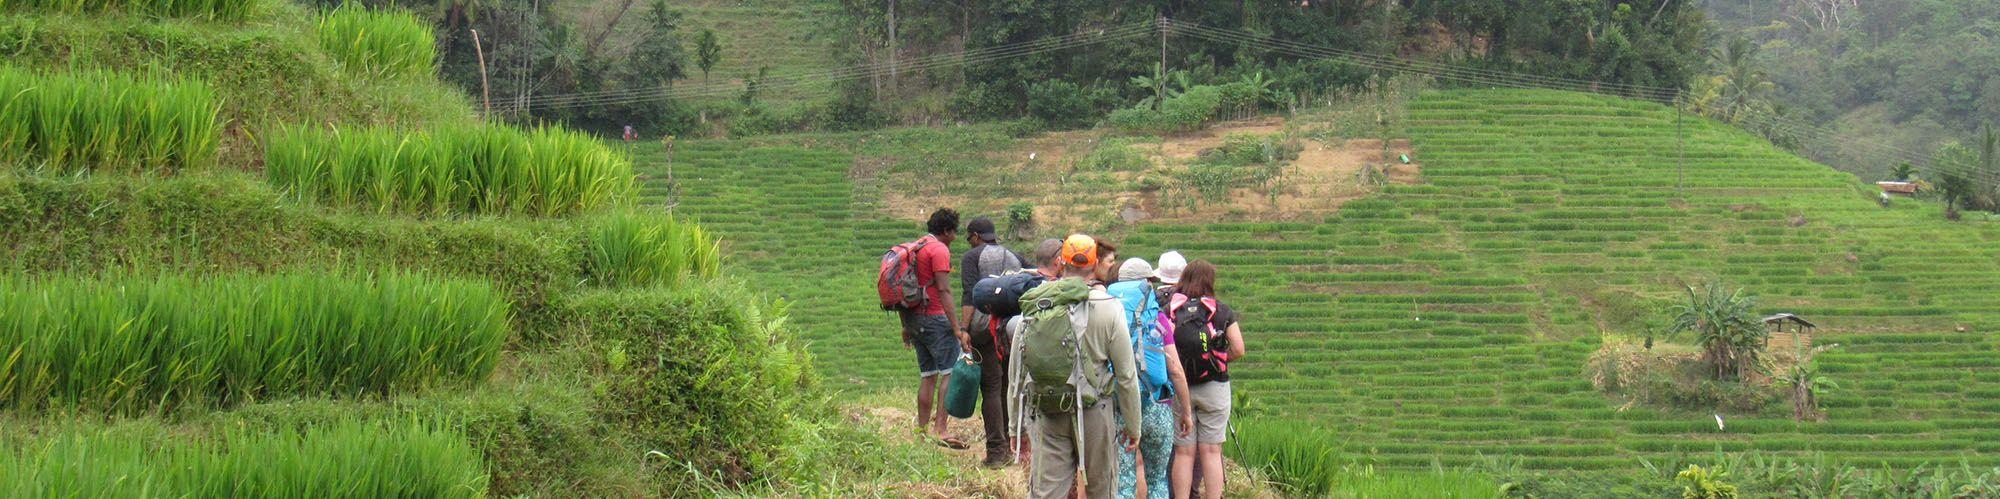 Sri Lanka, Knuckles Mountain Range